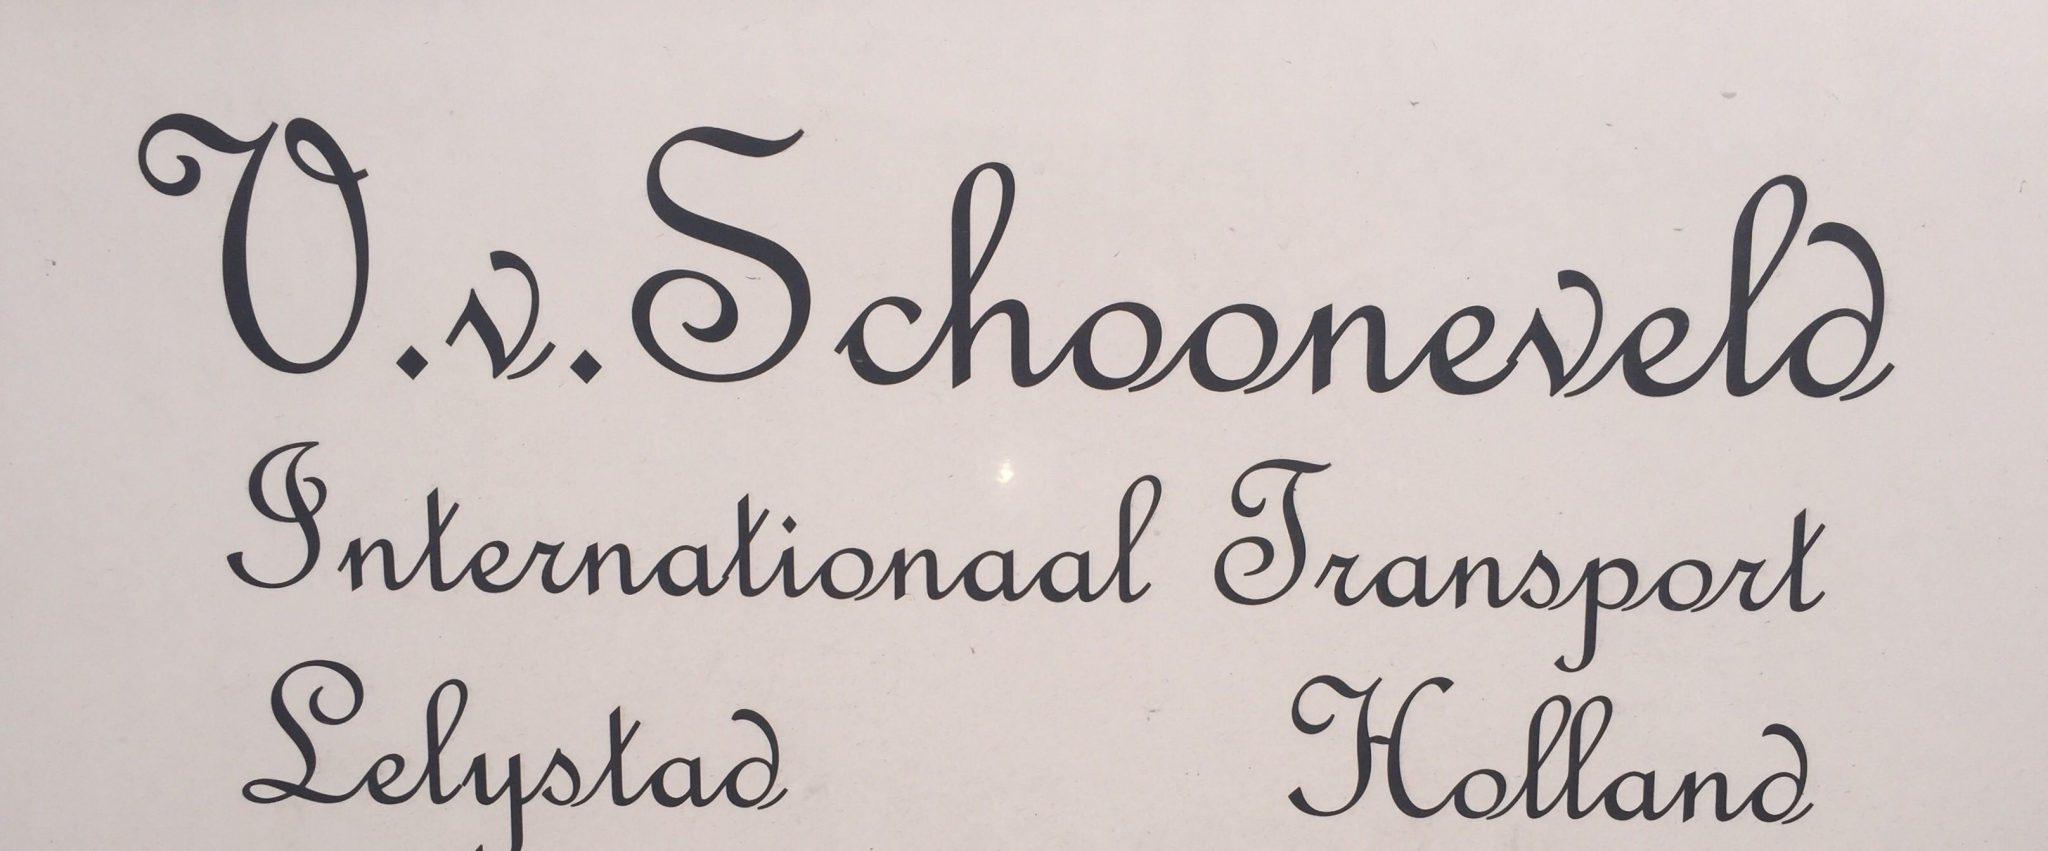 Schooneveld